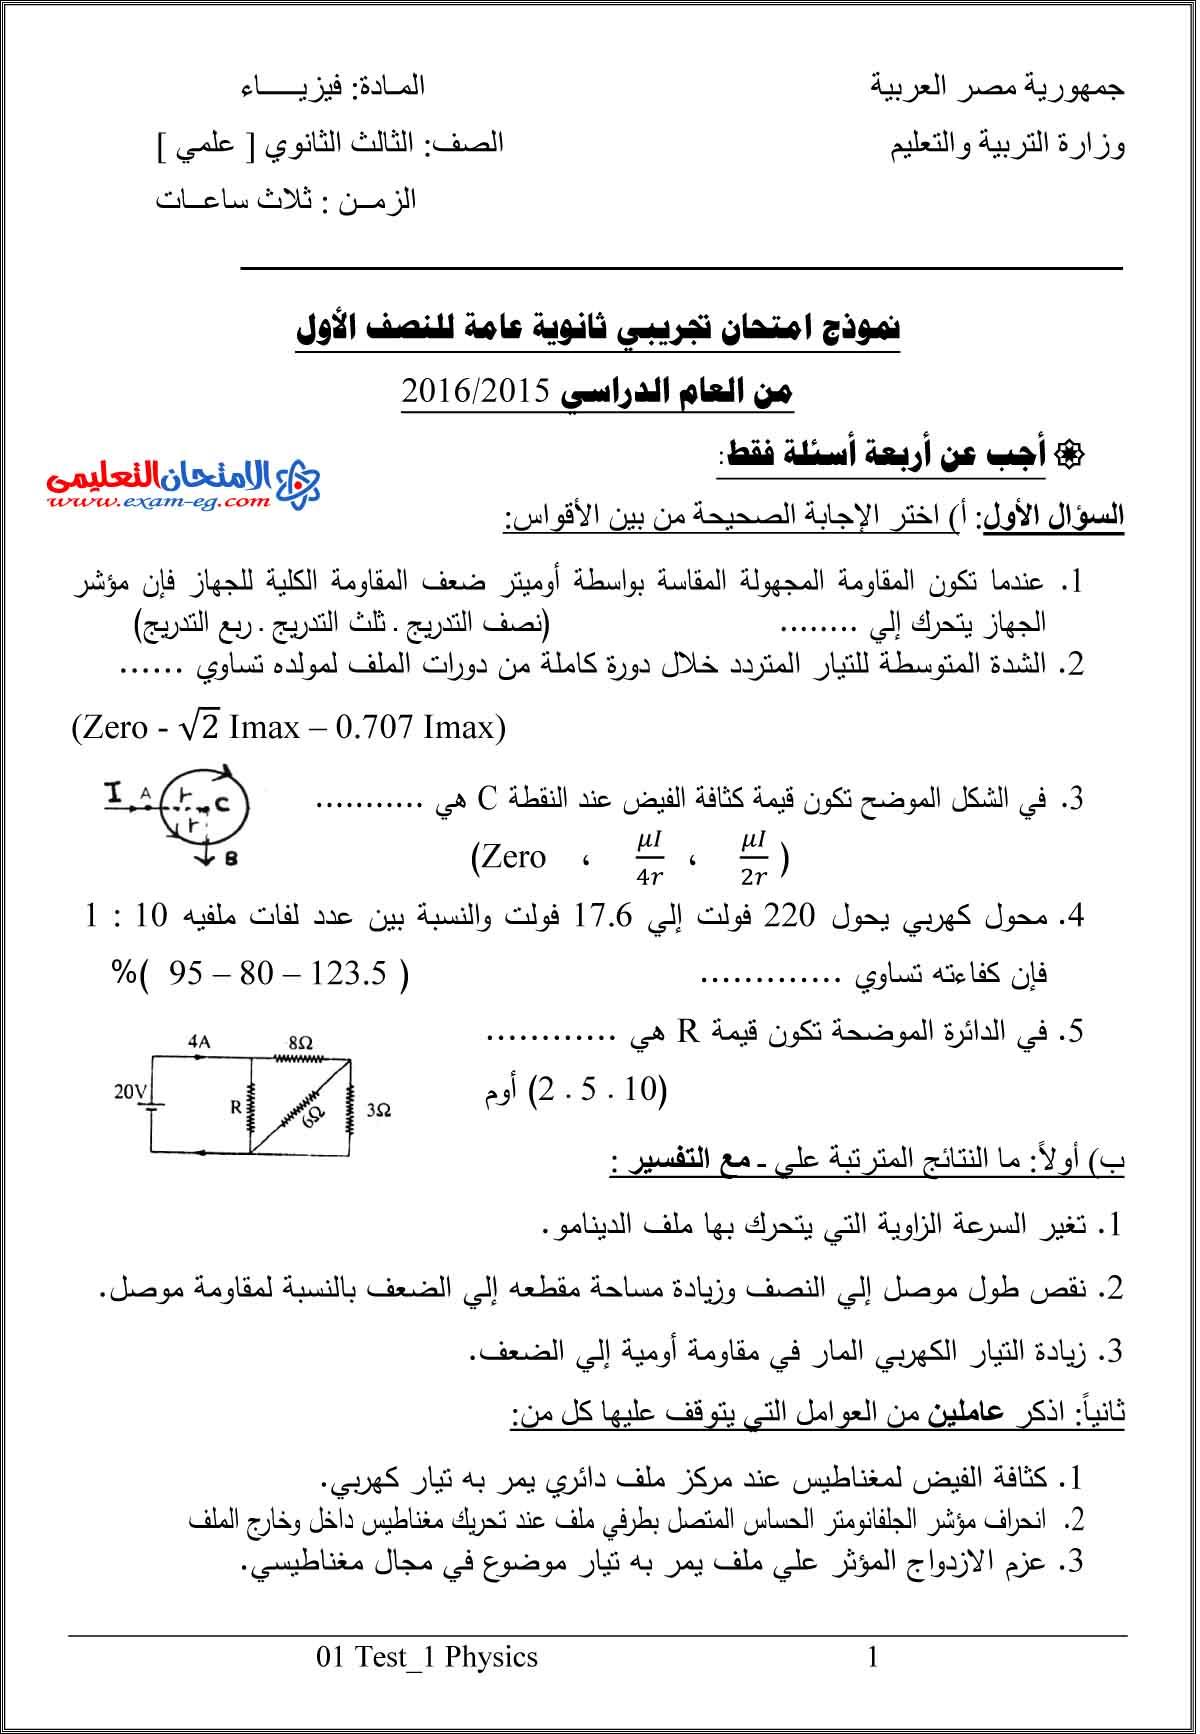 فيزياء 1 - مدرسة اون لاين-1